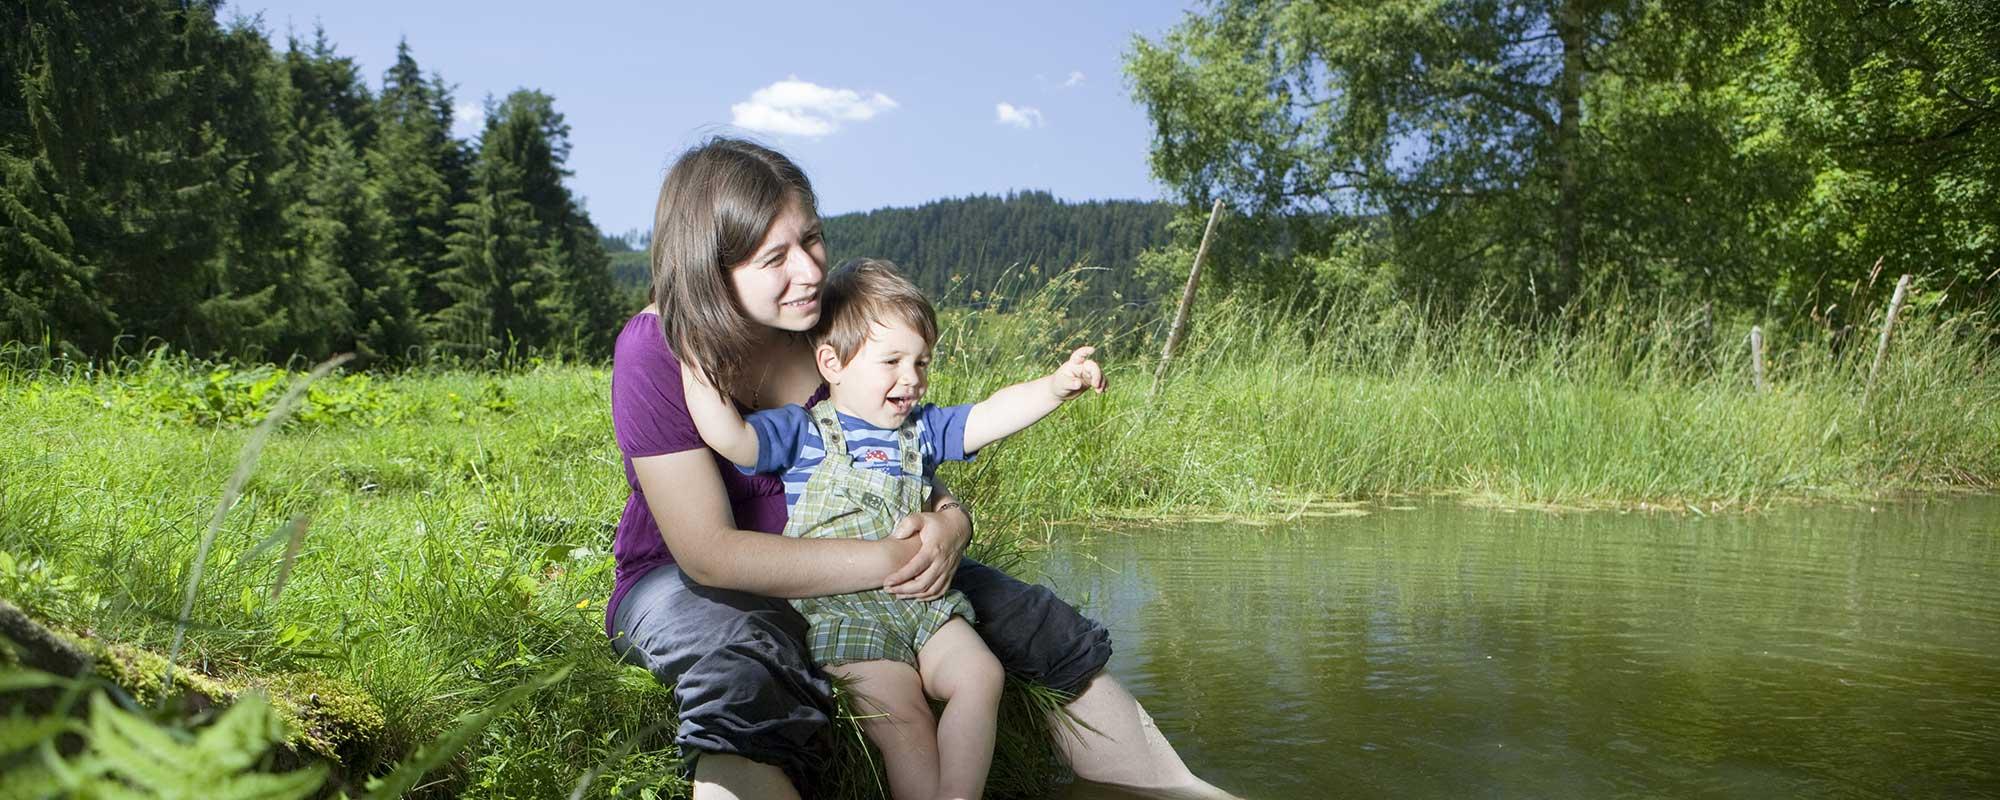 im Teich baden